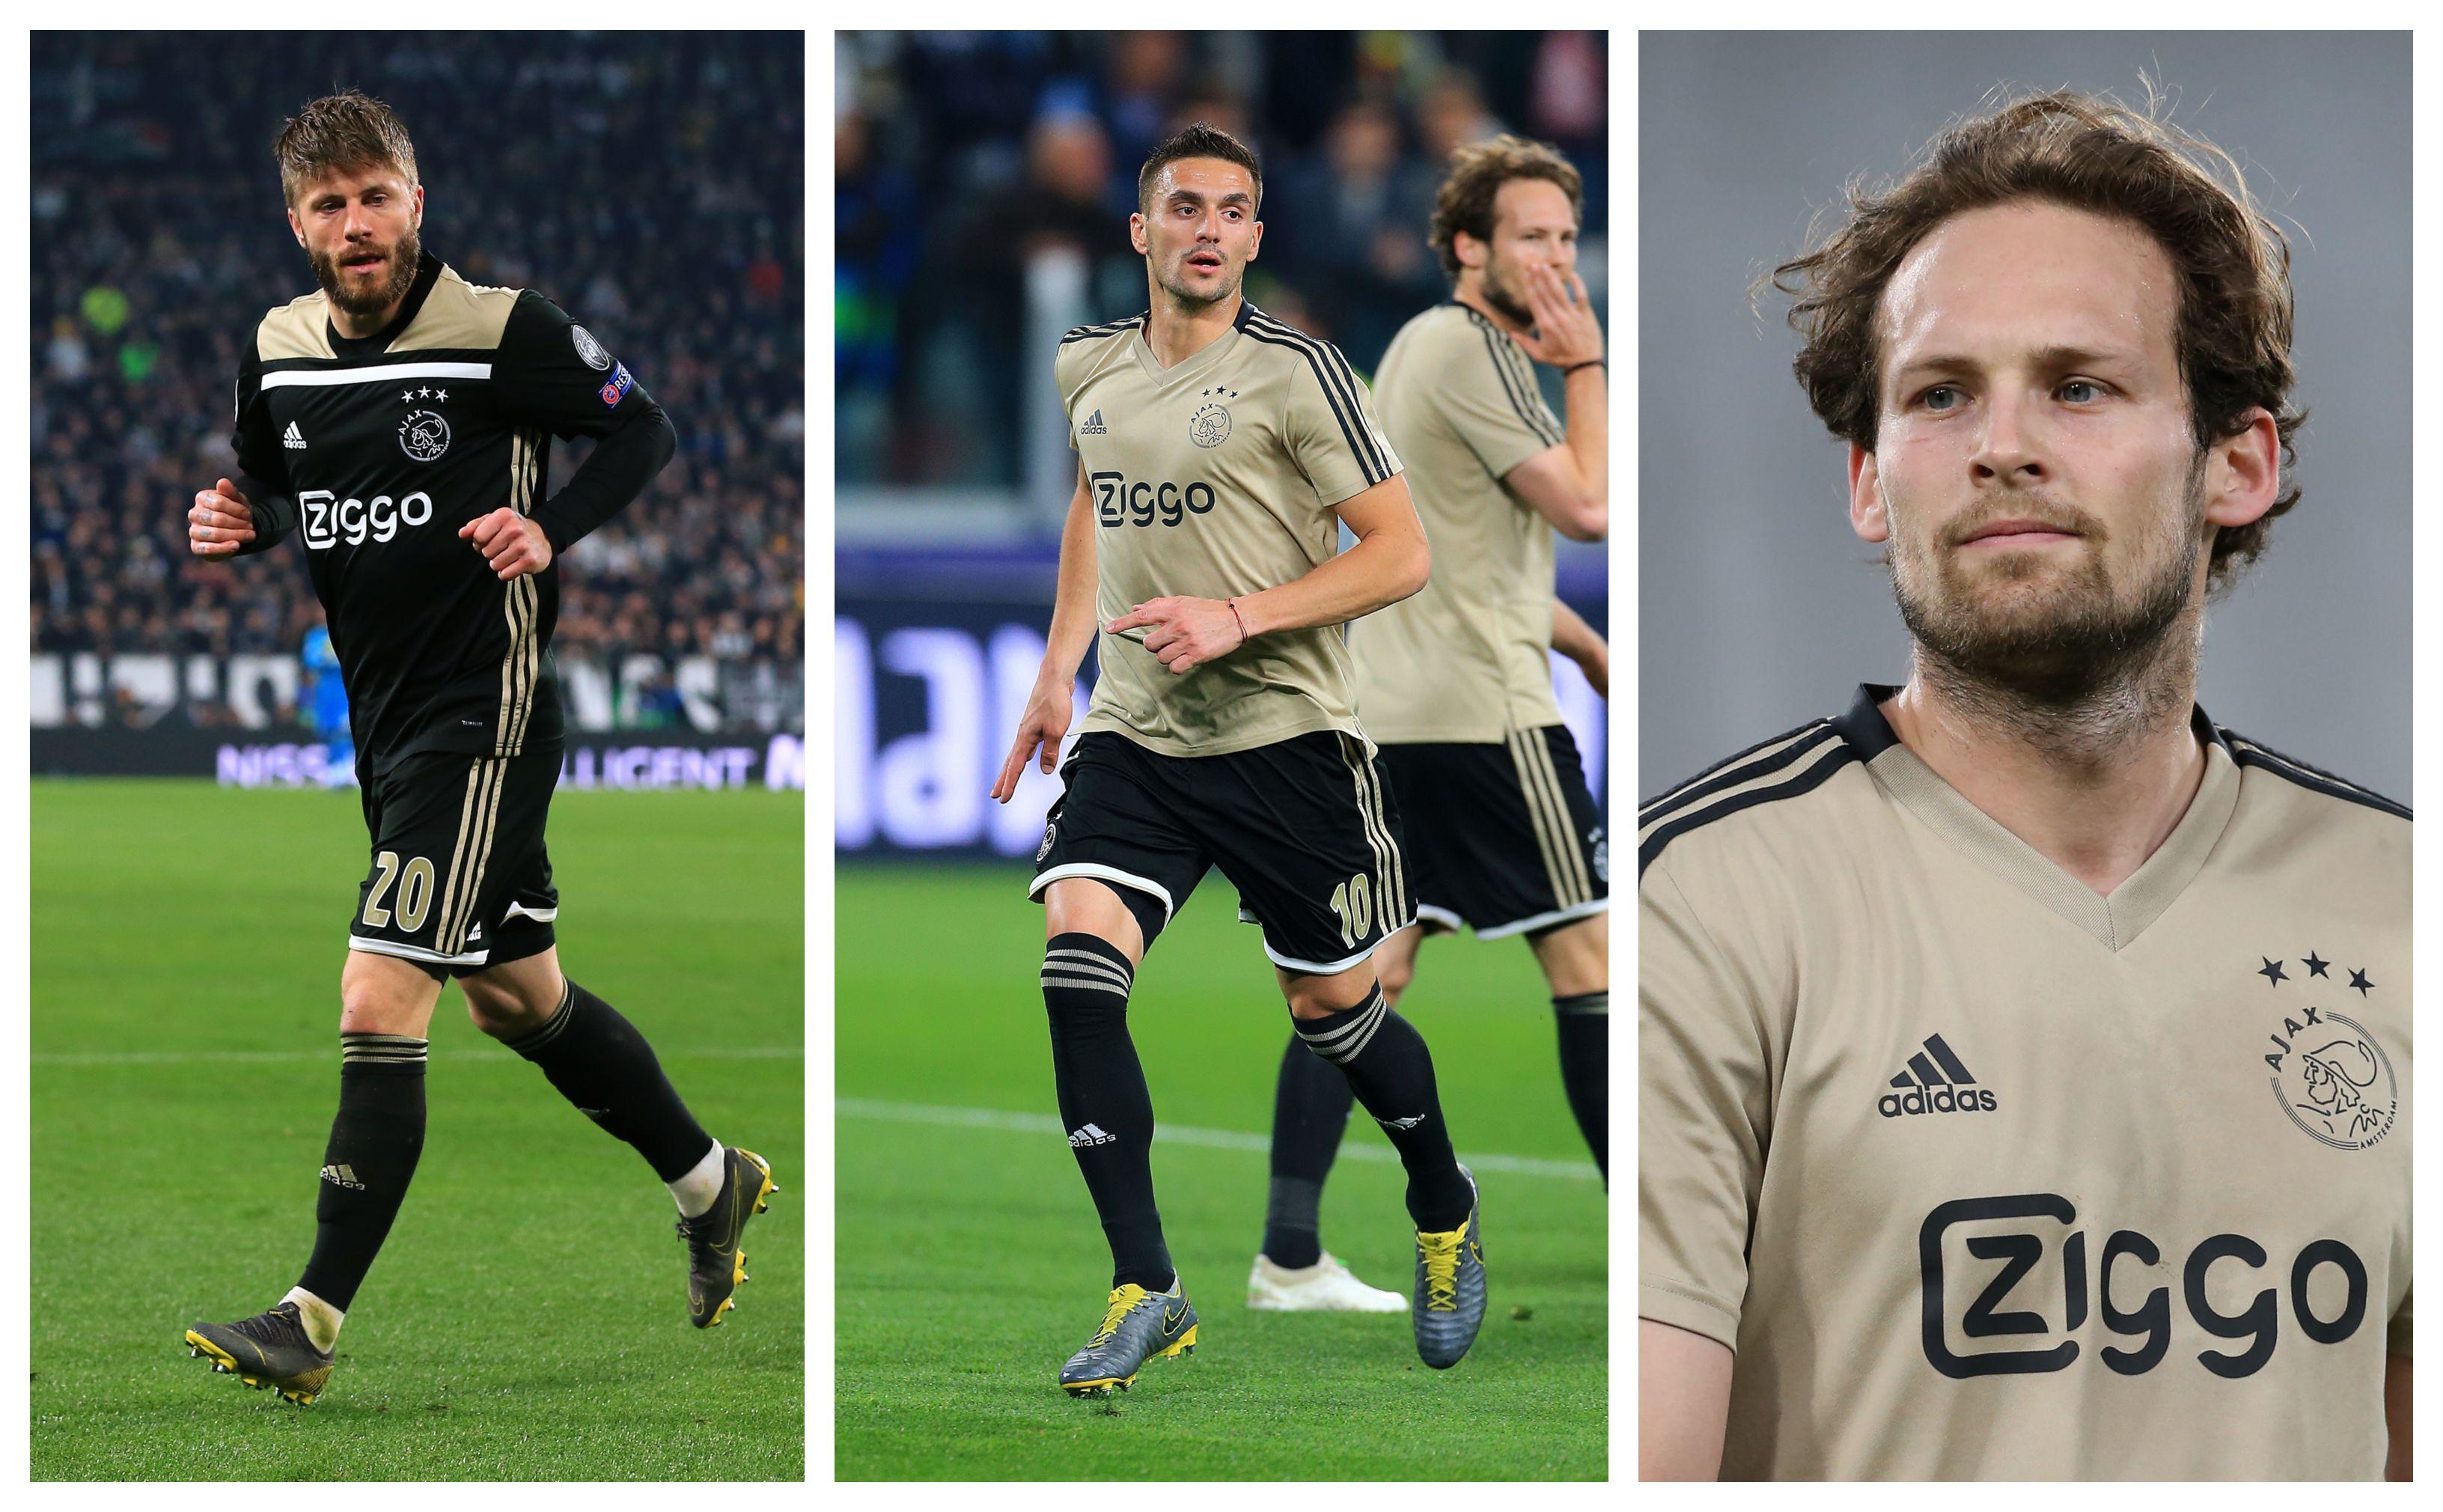 Dobri igrači, a još k tome i zgodni! U ekipi kluba Ajax sami ljepotani